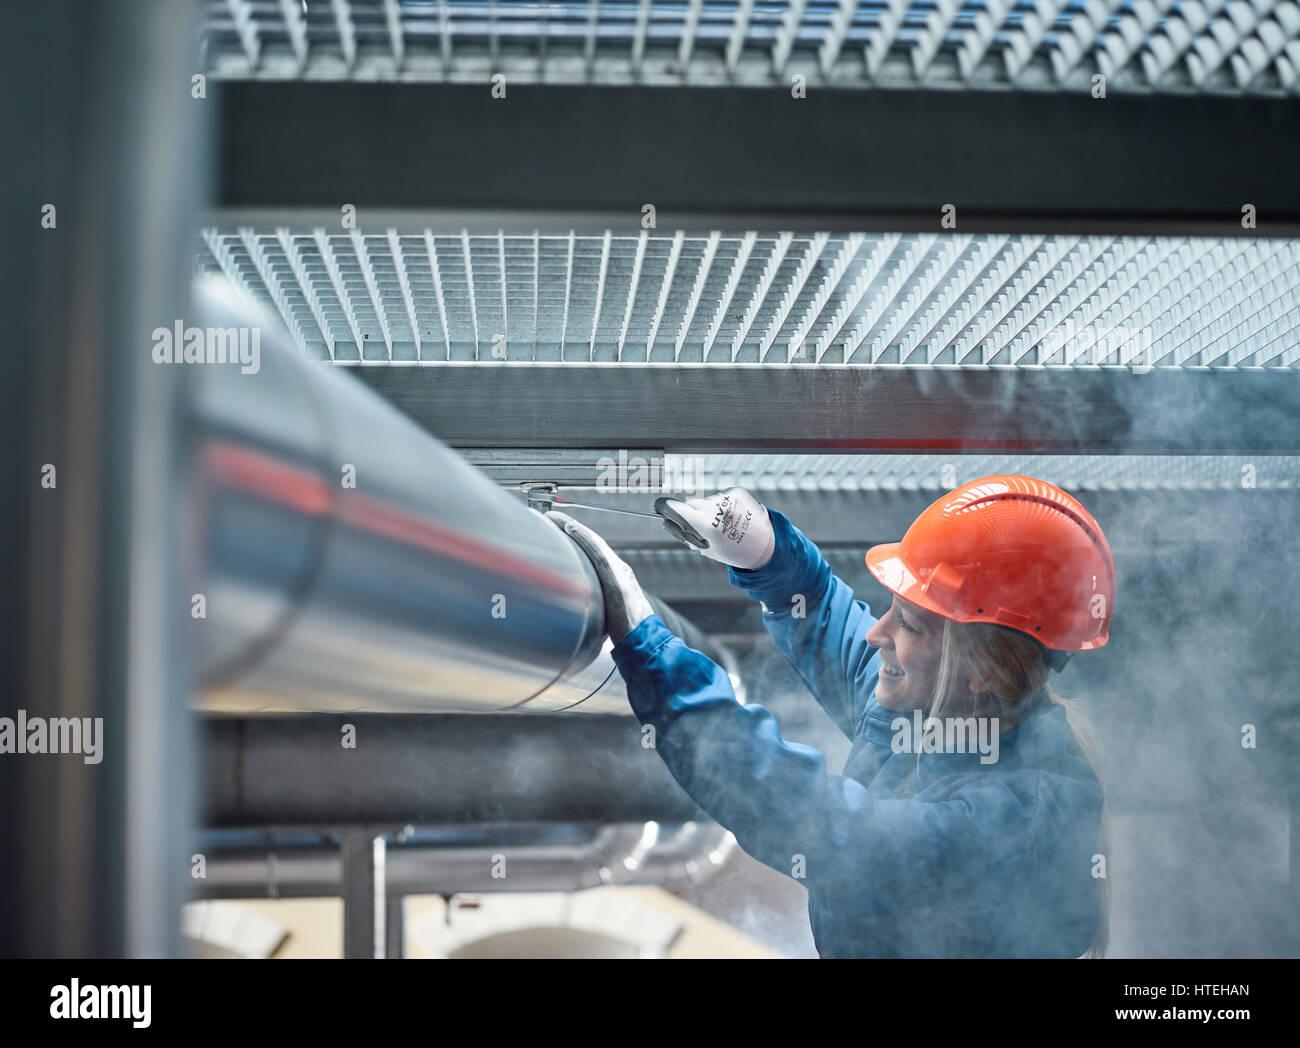 Tecnico meccanico con un casco arancione il montaggio di una linea di refrigerazione staffa, Austria Immagini Stock